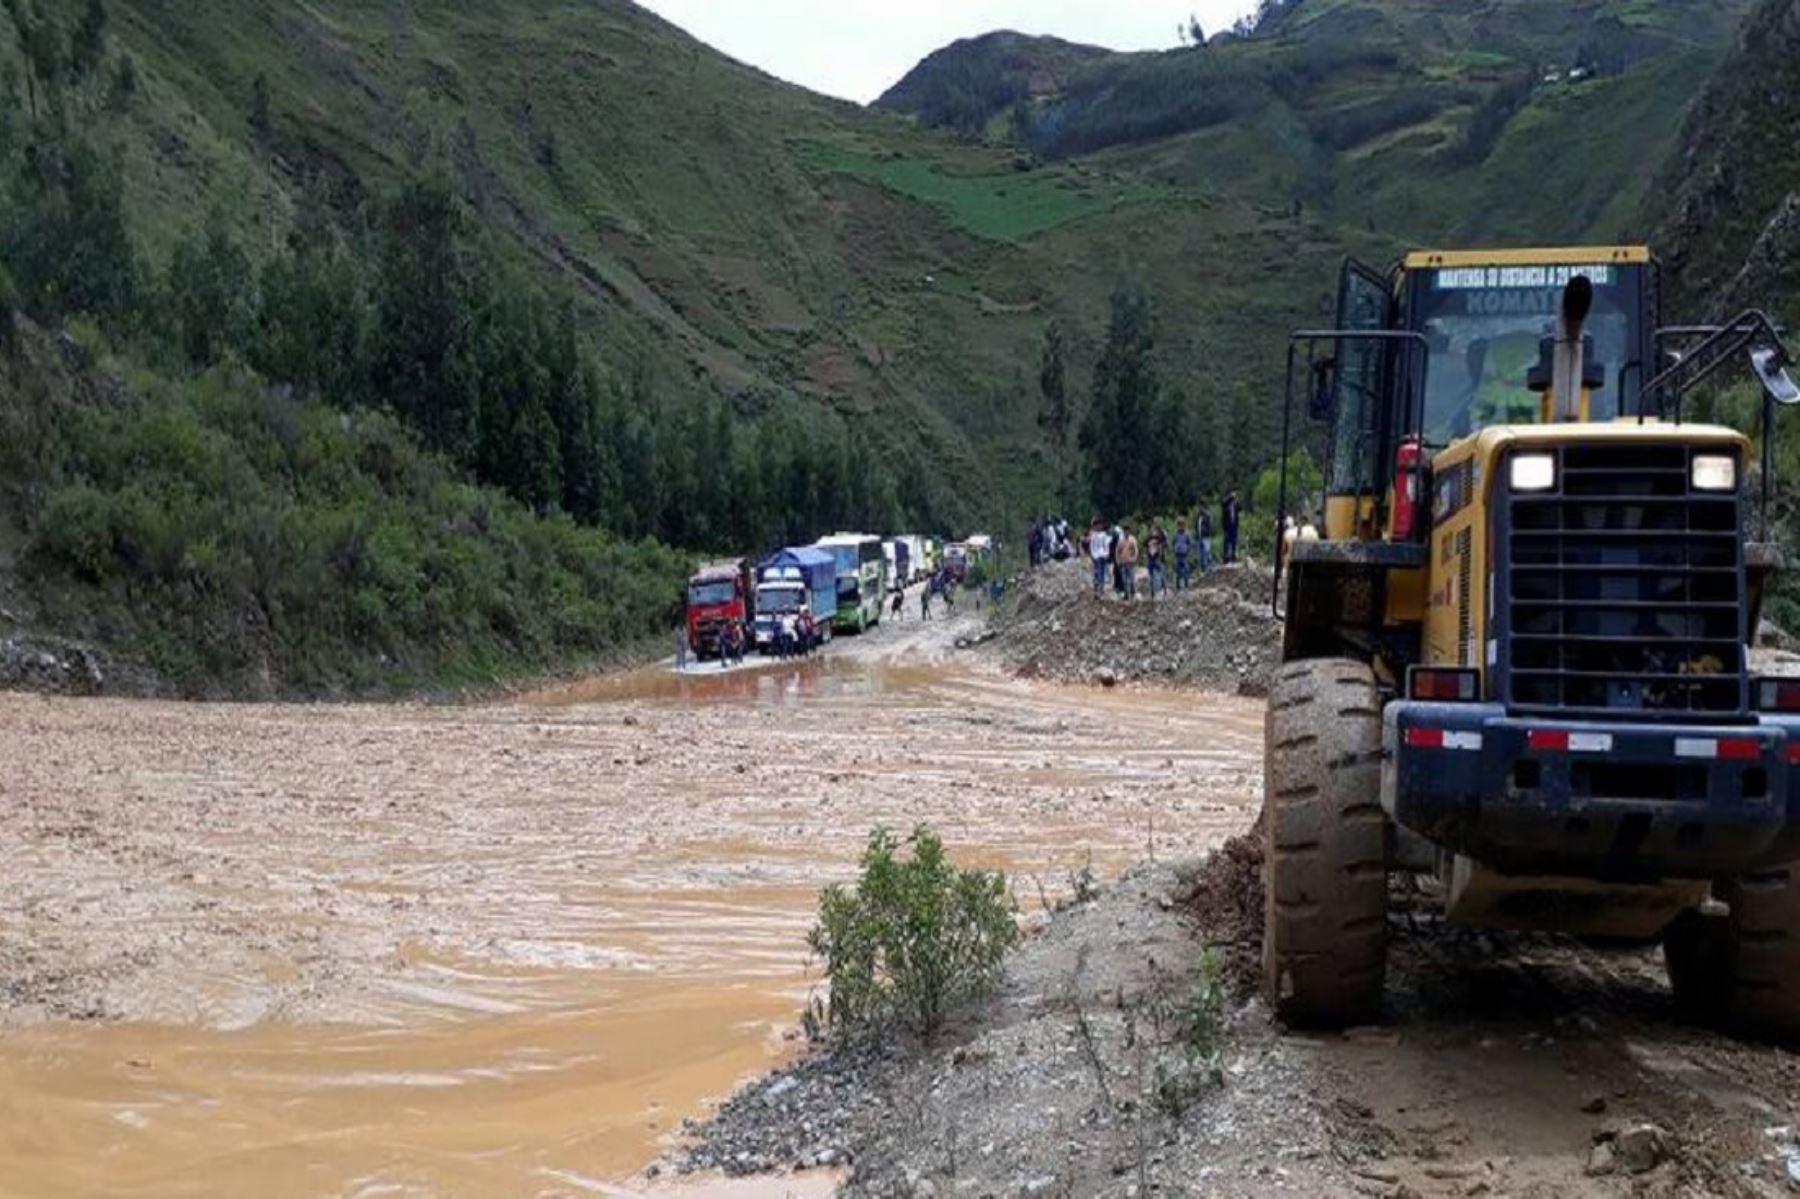 El río Huallaga alcanzó la mañana de ayer 133.46 metros sobre el nivel del mar en la estación Yurimaguas. Foto: ANDINA/Archivo